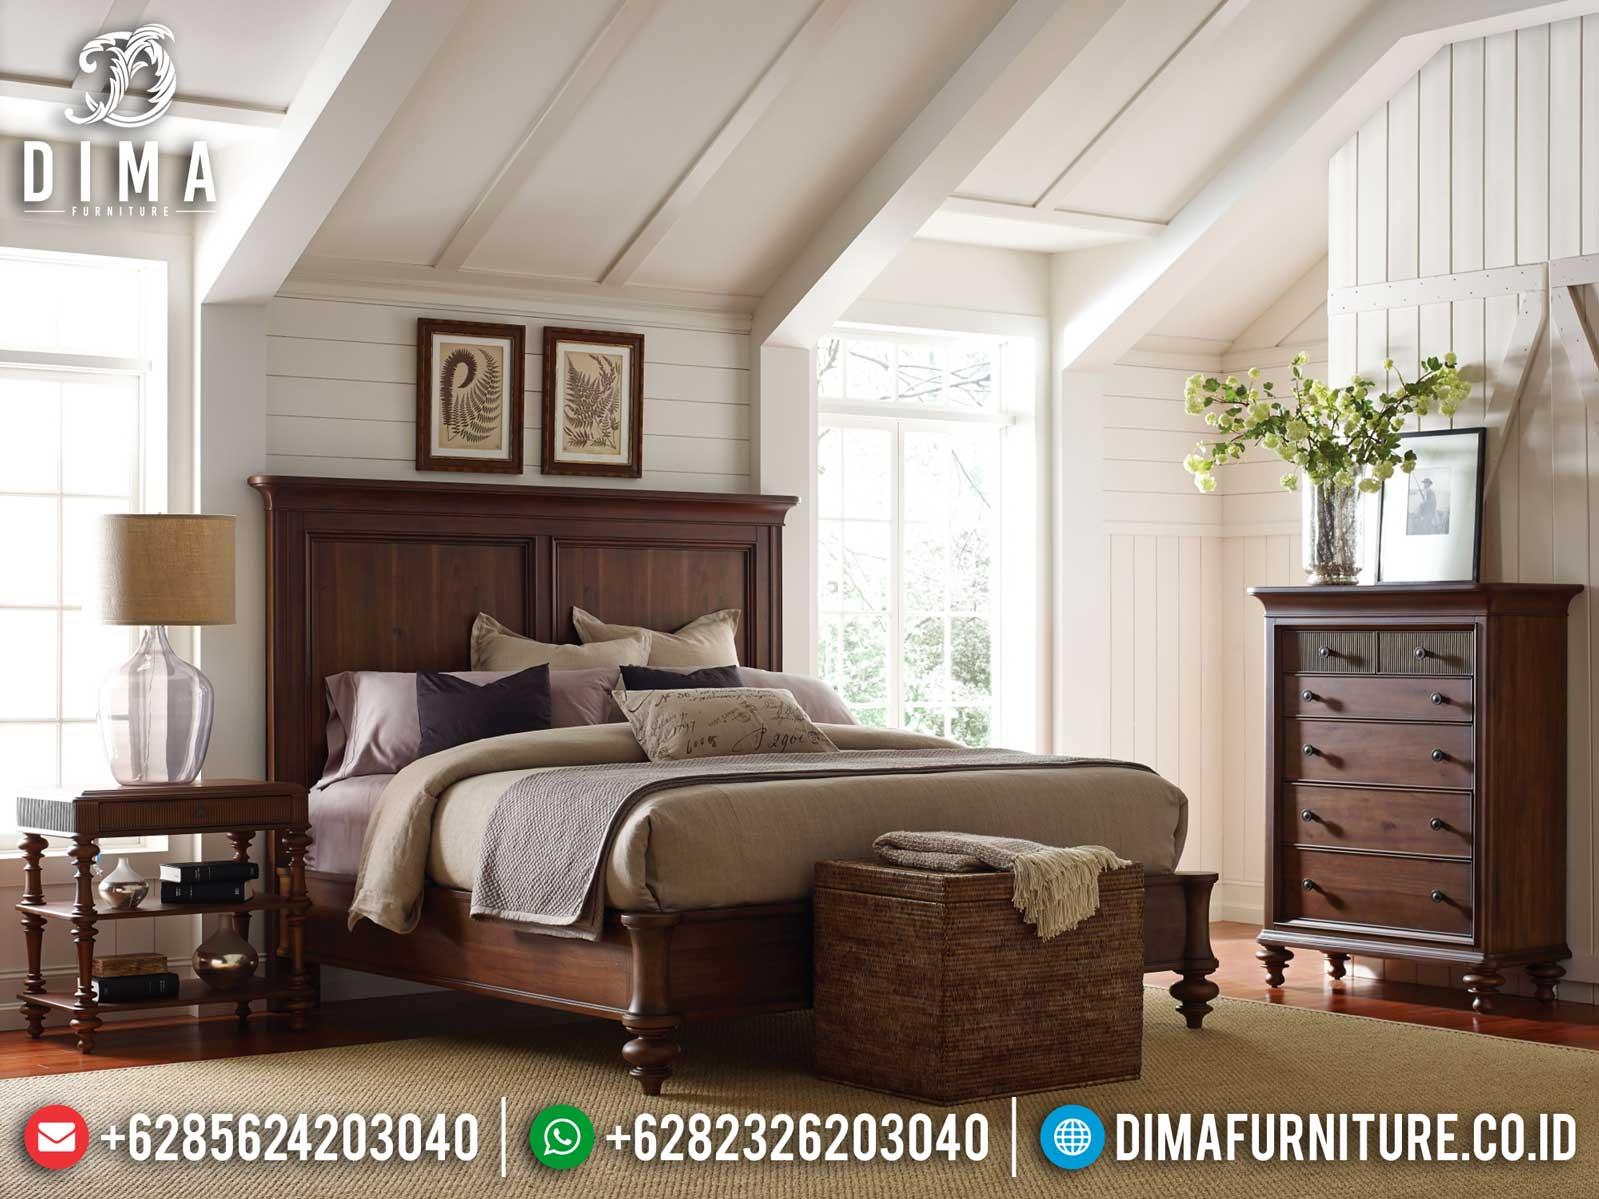 Desain Tempat Tidur Minimalis Klasik Natural Jati Best Item Furniture TTJ-1122